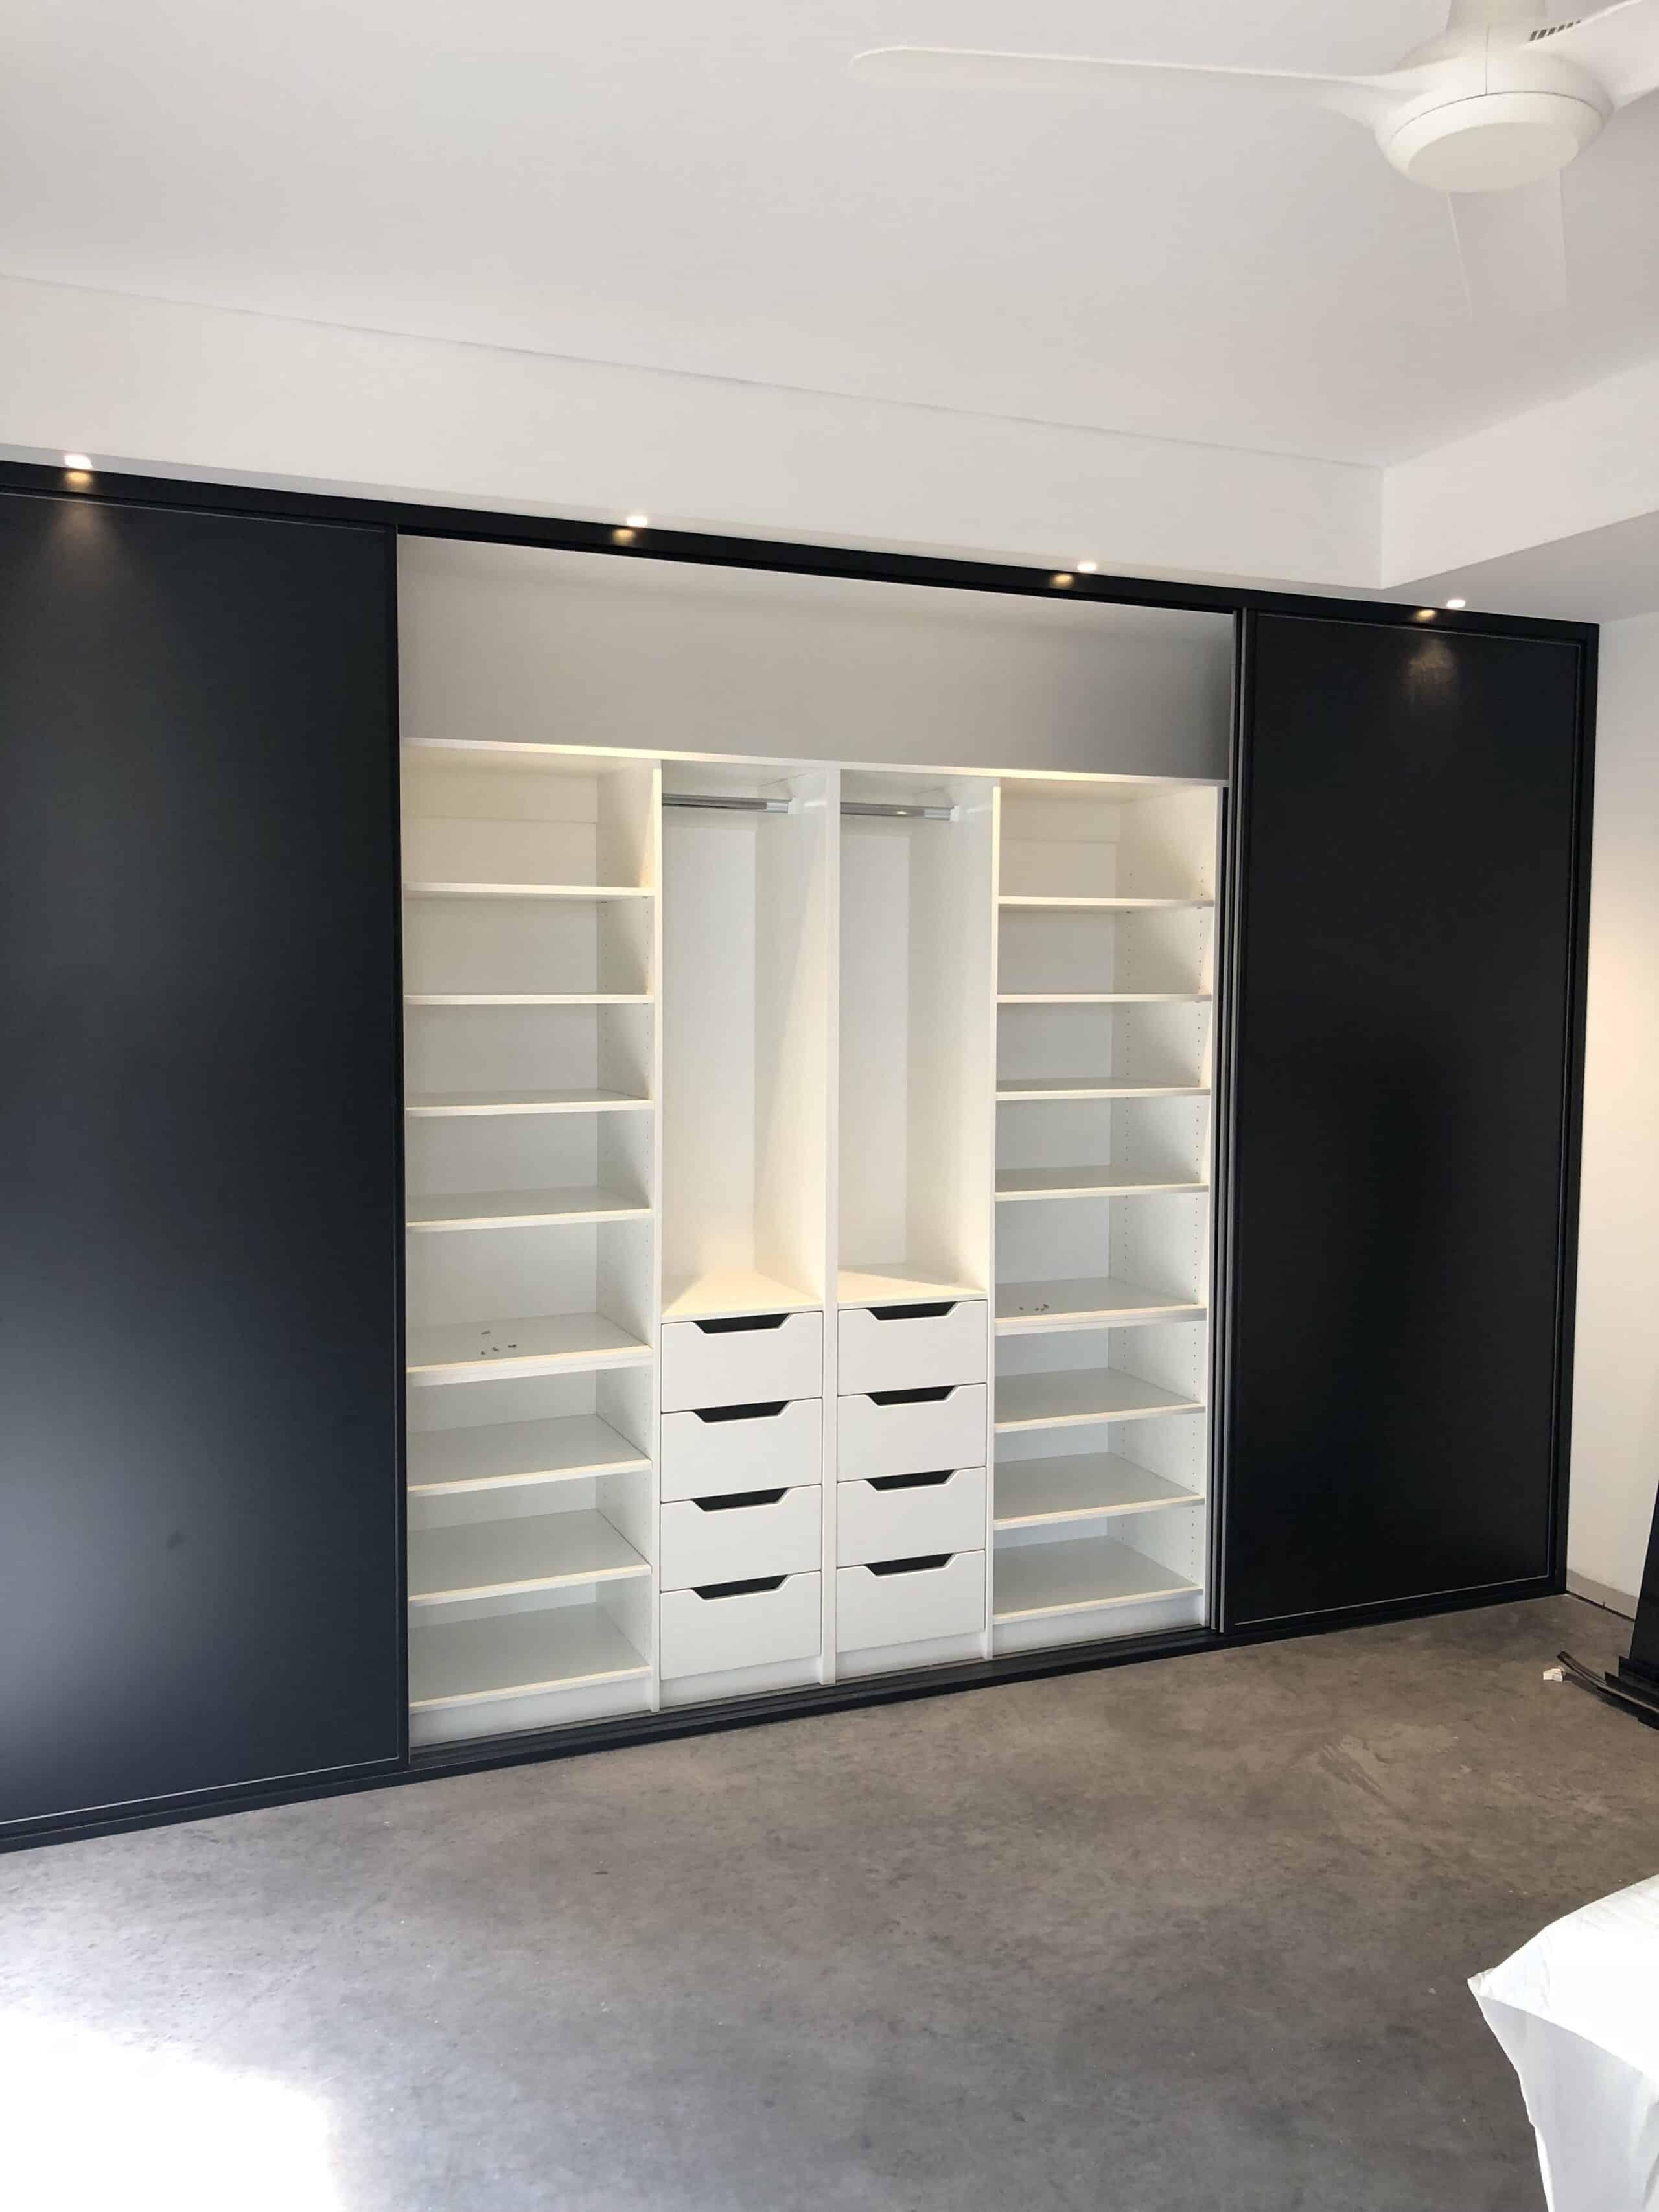 Built in wardrobe internal storage